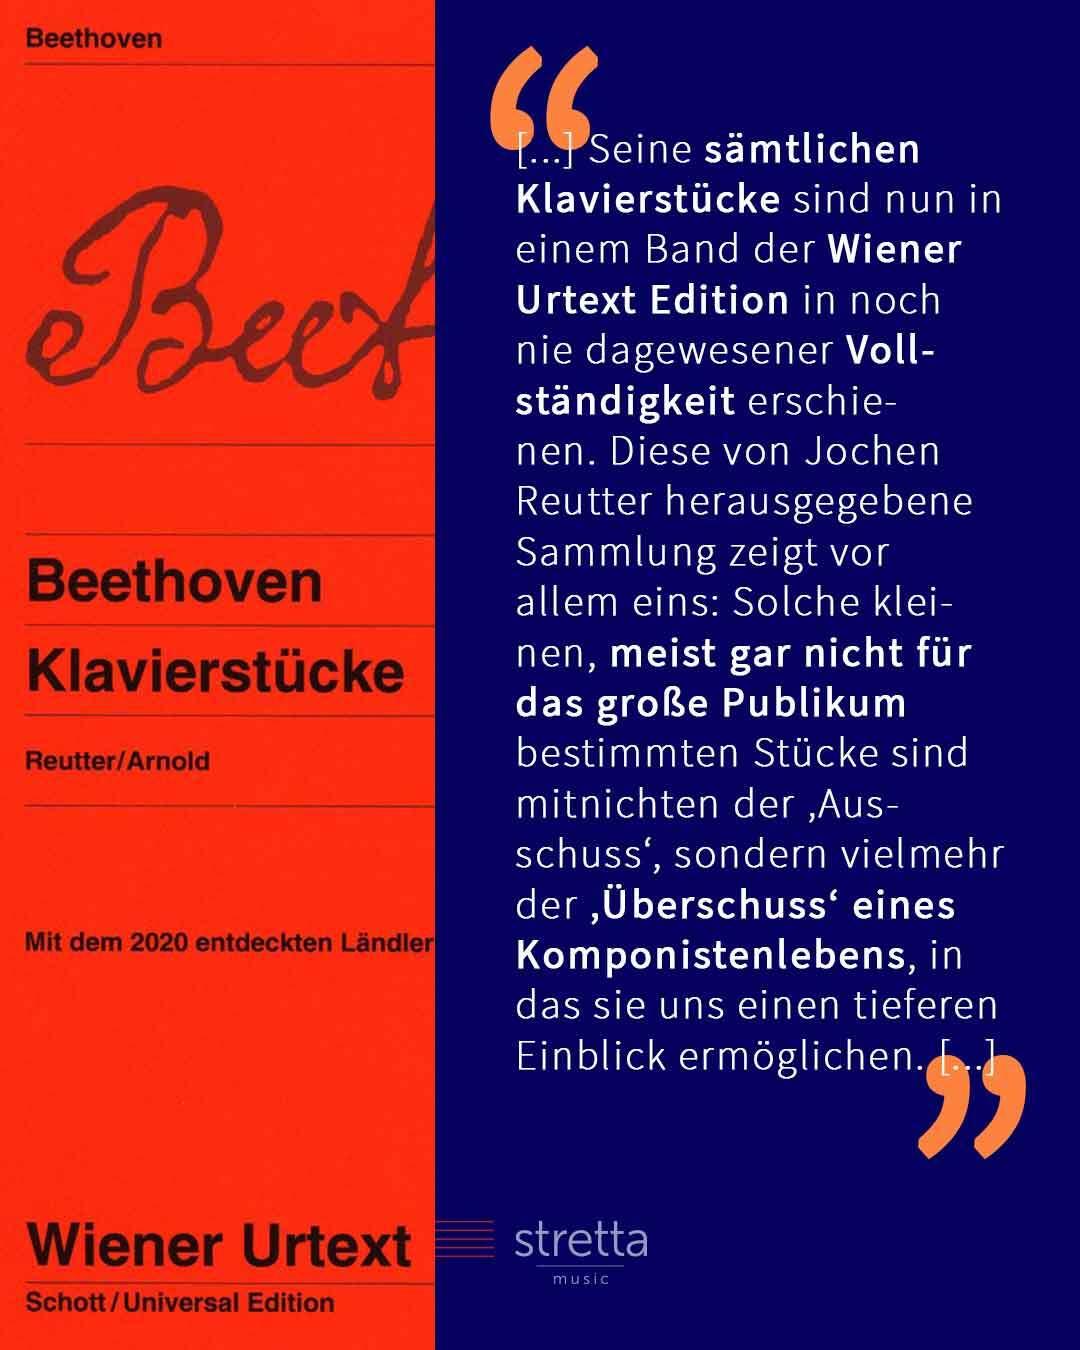 Neue Noten für Elise – Klavierstücke von Beethoven in der Wiener Urtext Edition und bei Bärenreiter